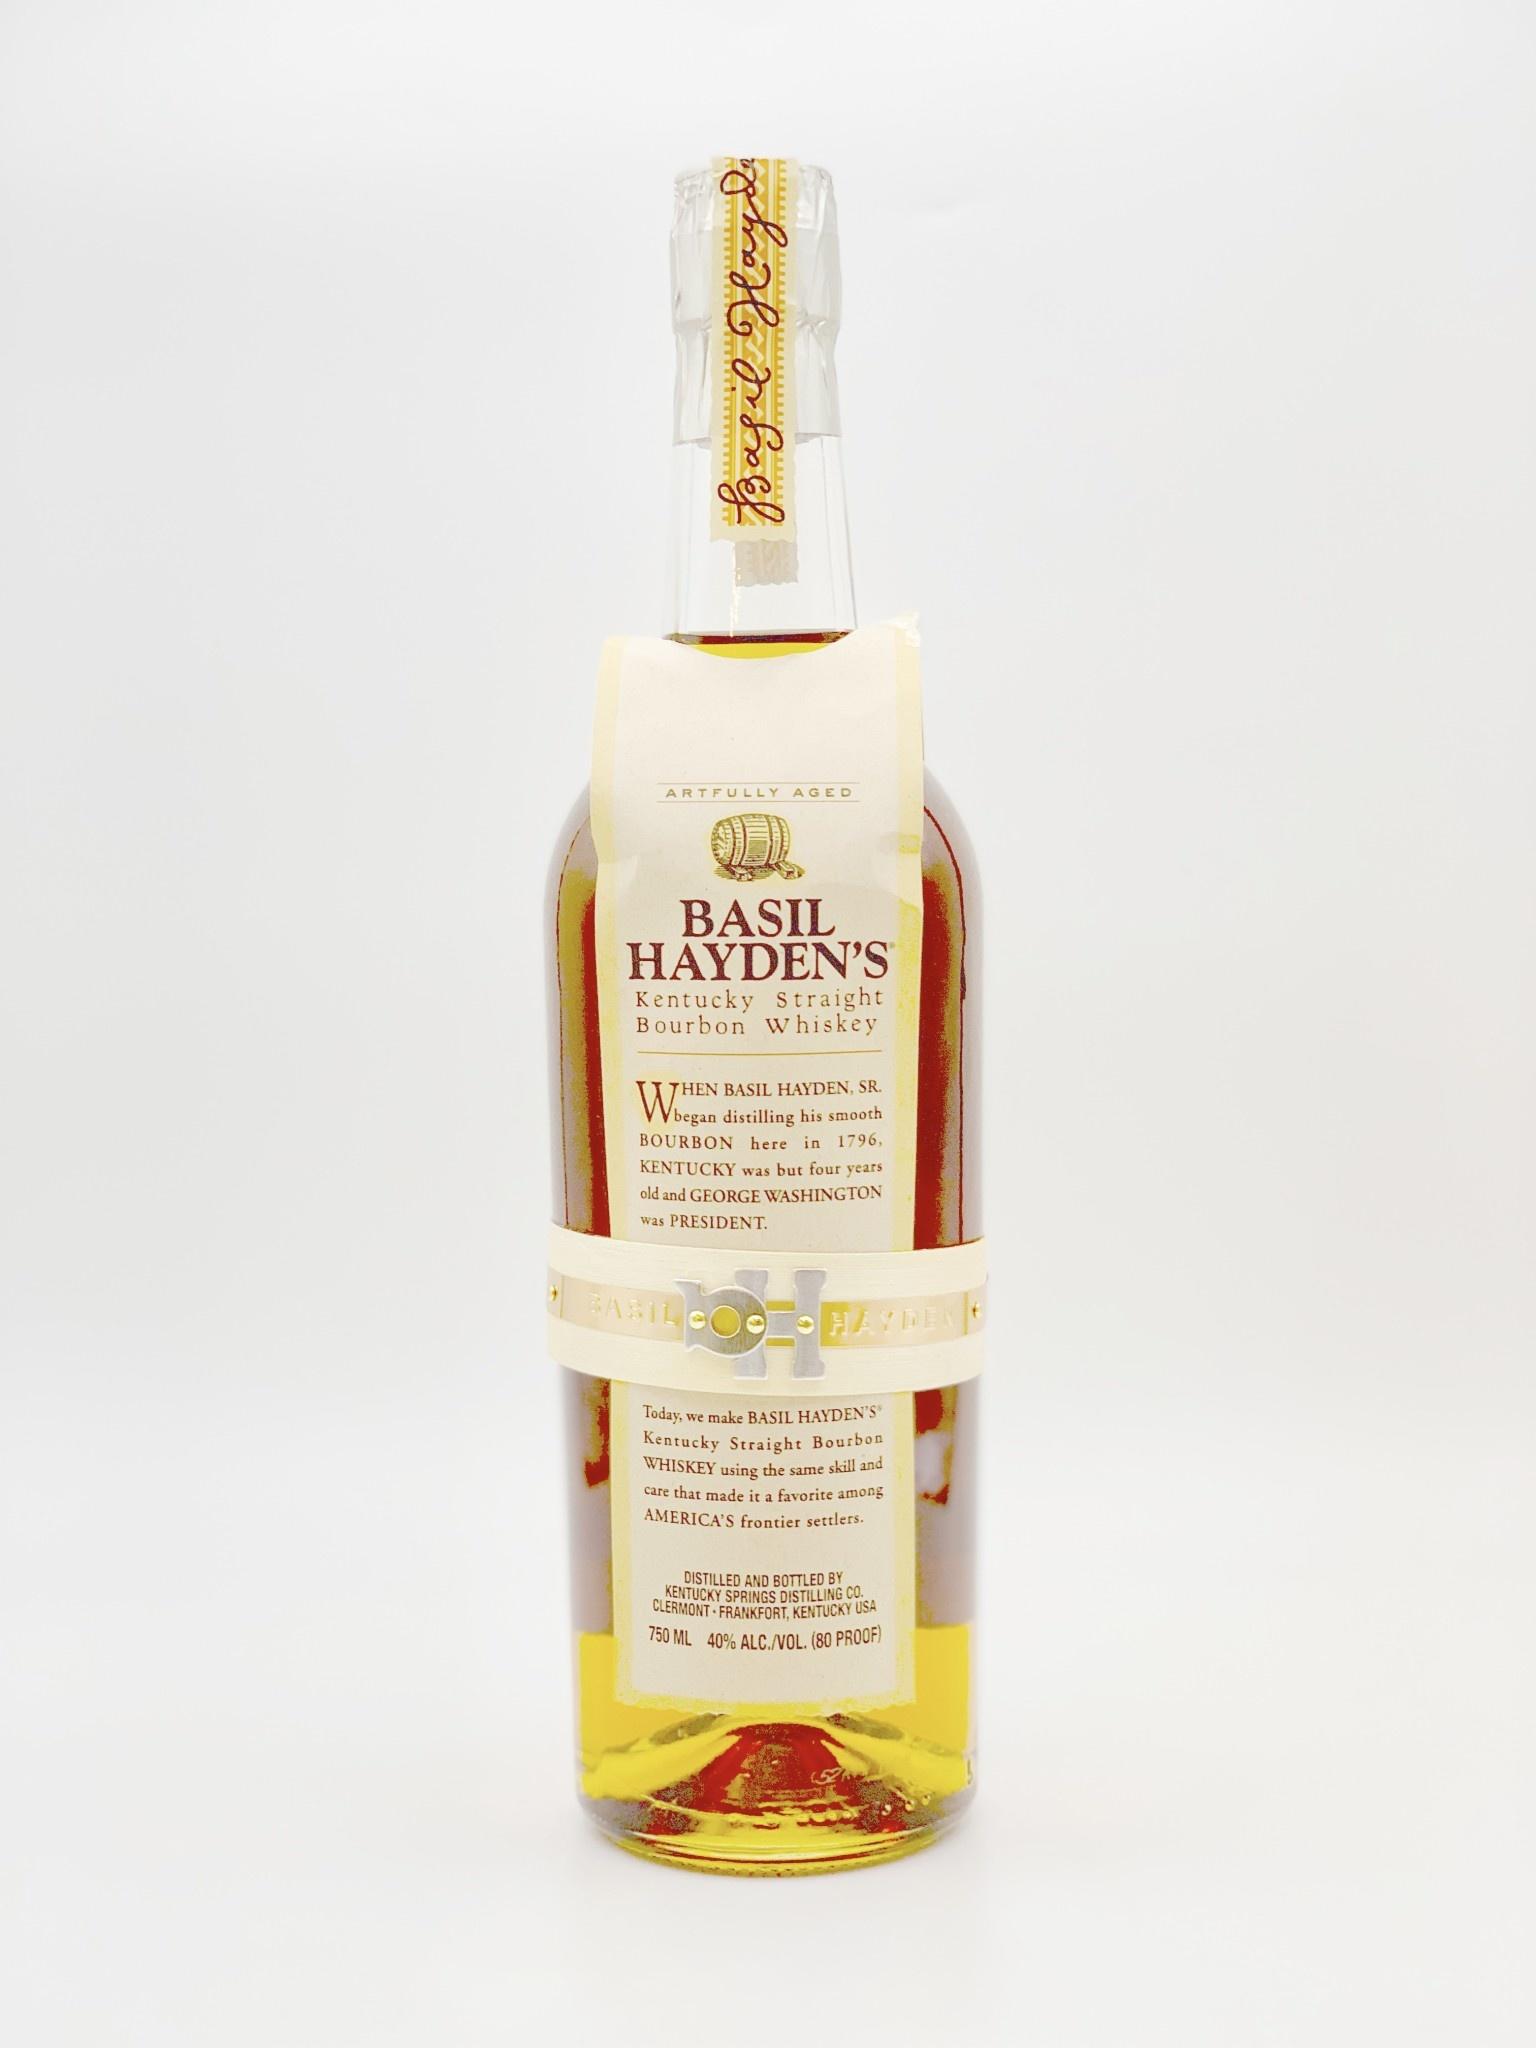 Basil Hayden Kentucky Straight Bourbon Whiskey  750ml (80 proof)